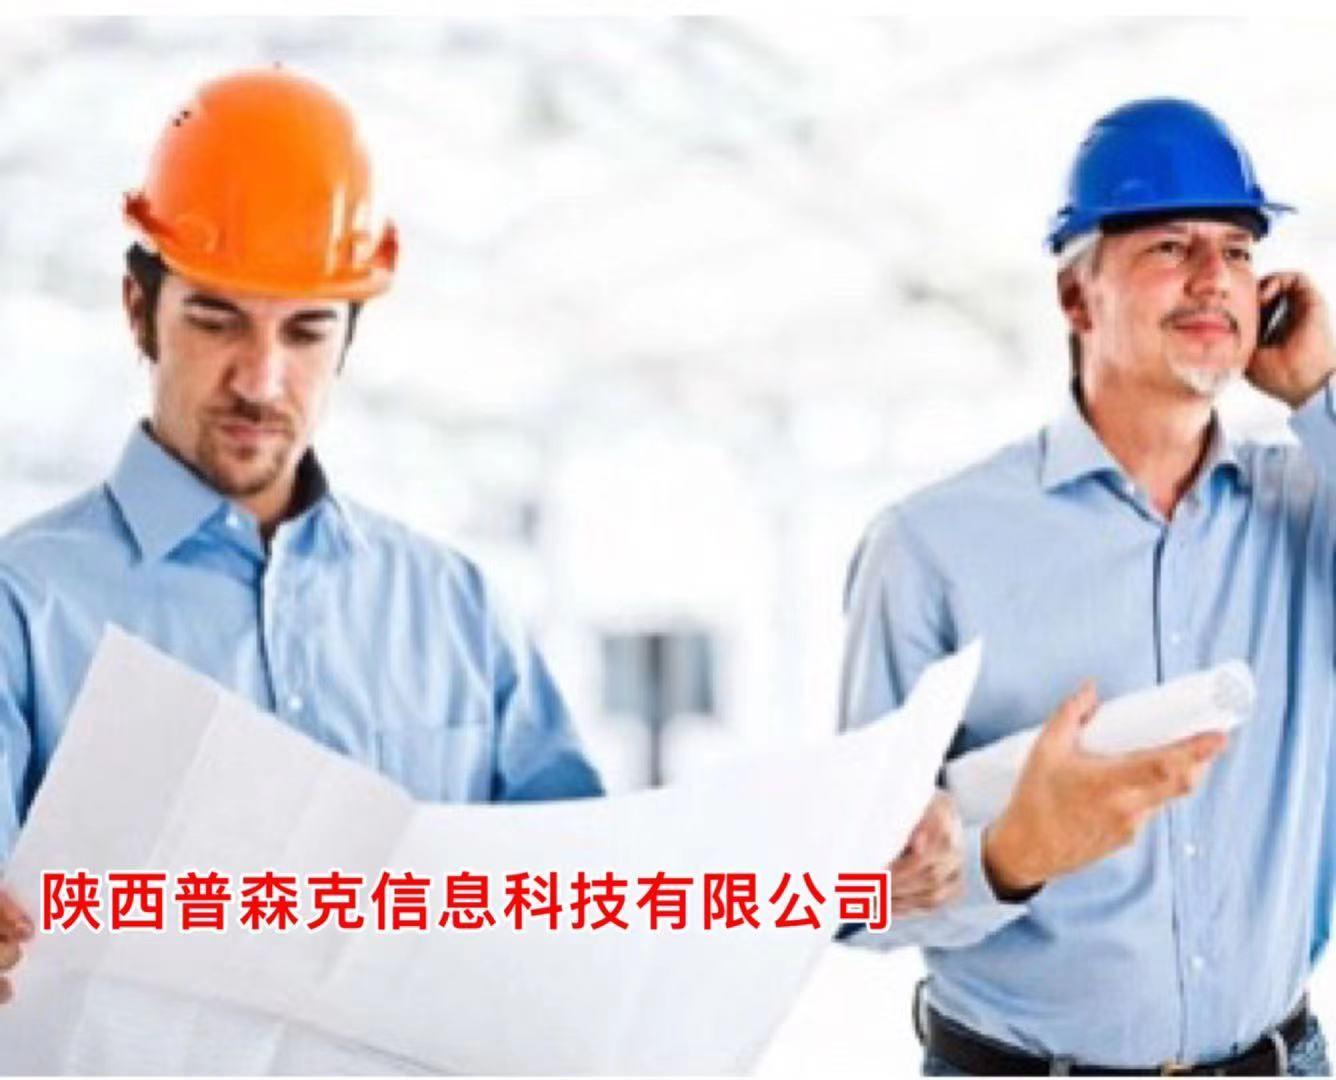 来看下陕西省工程系列职称评审的重要性